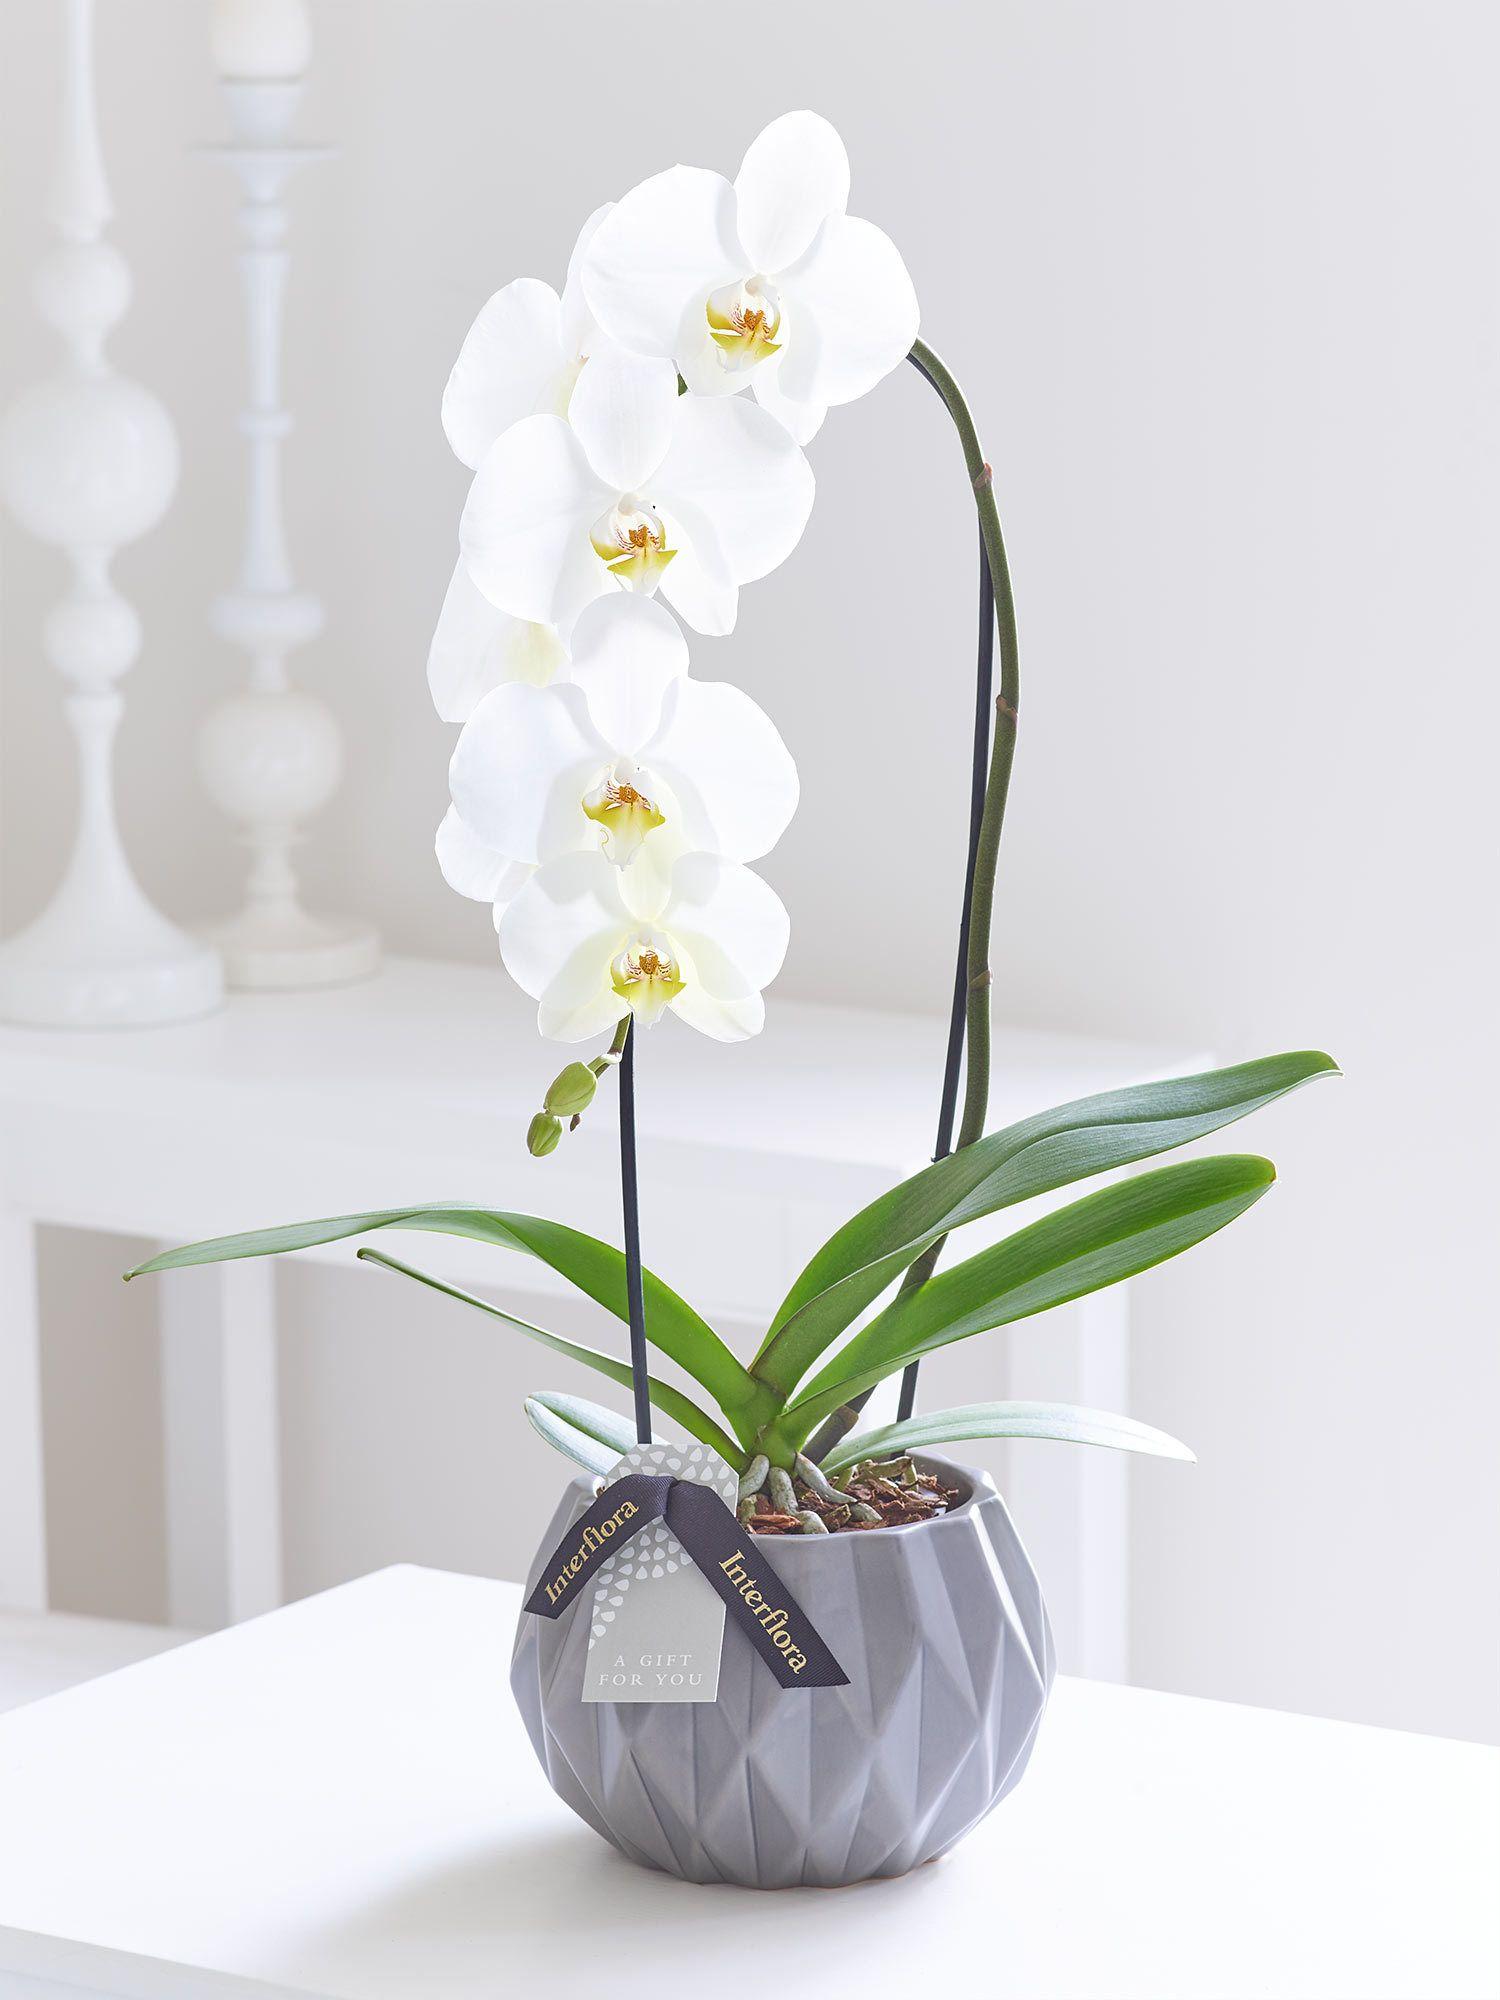 Cascade Orchid Com Imagens Arranjos Florais Modernos Arranjos